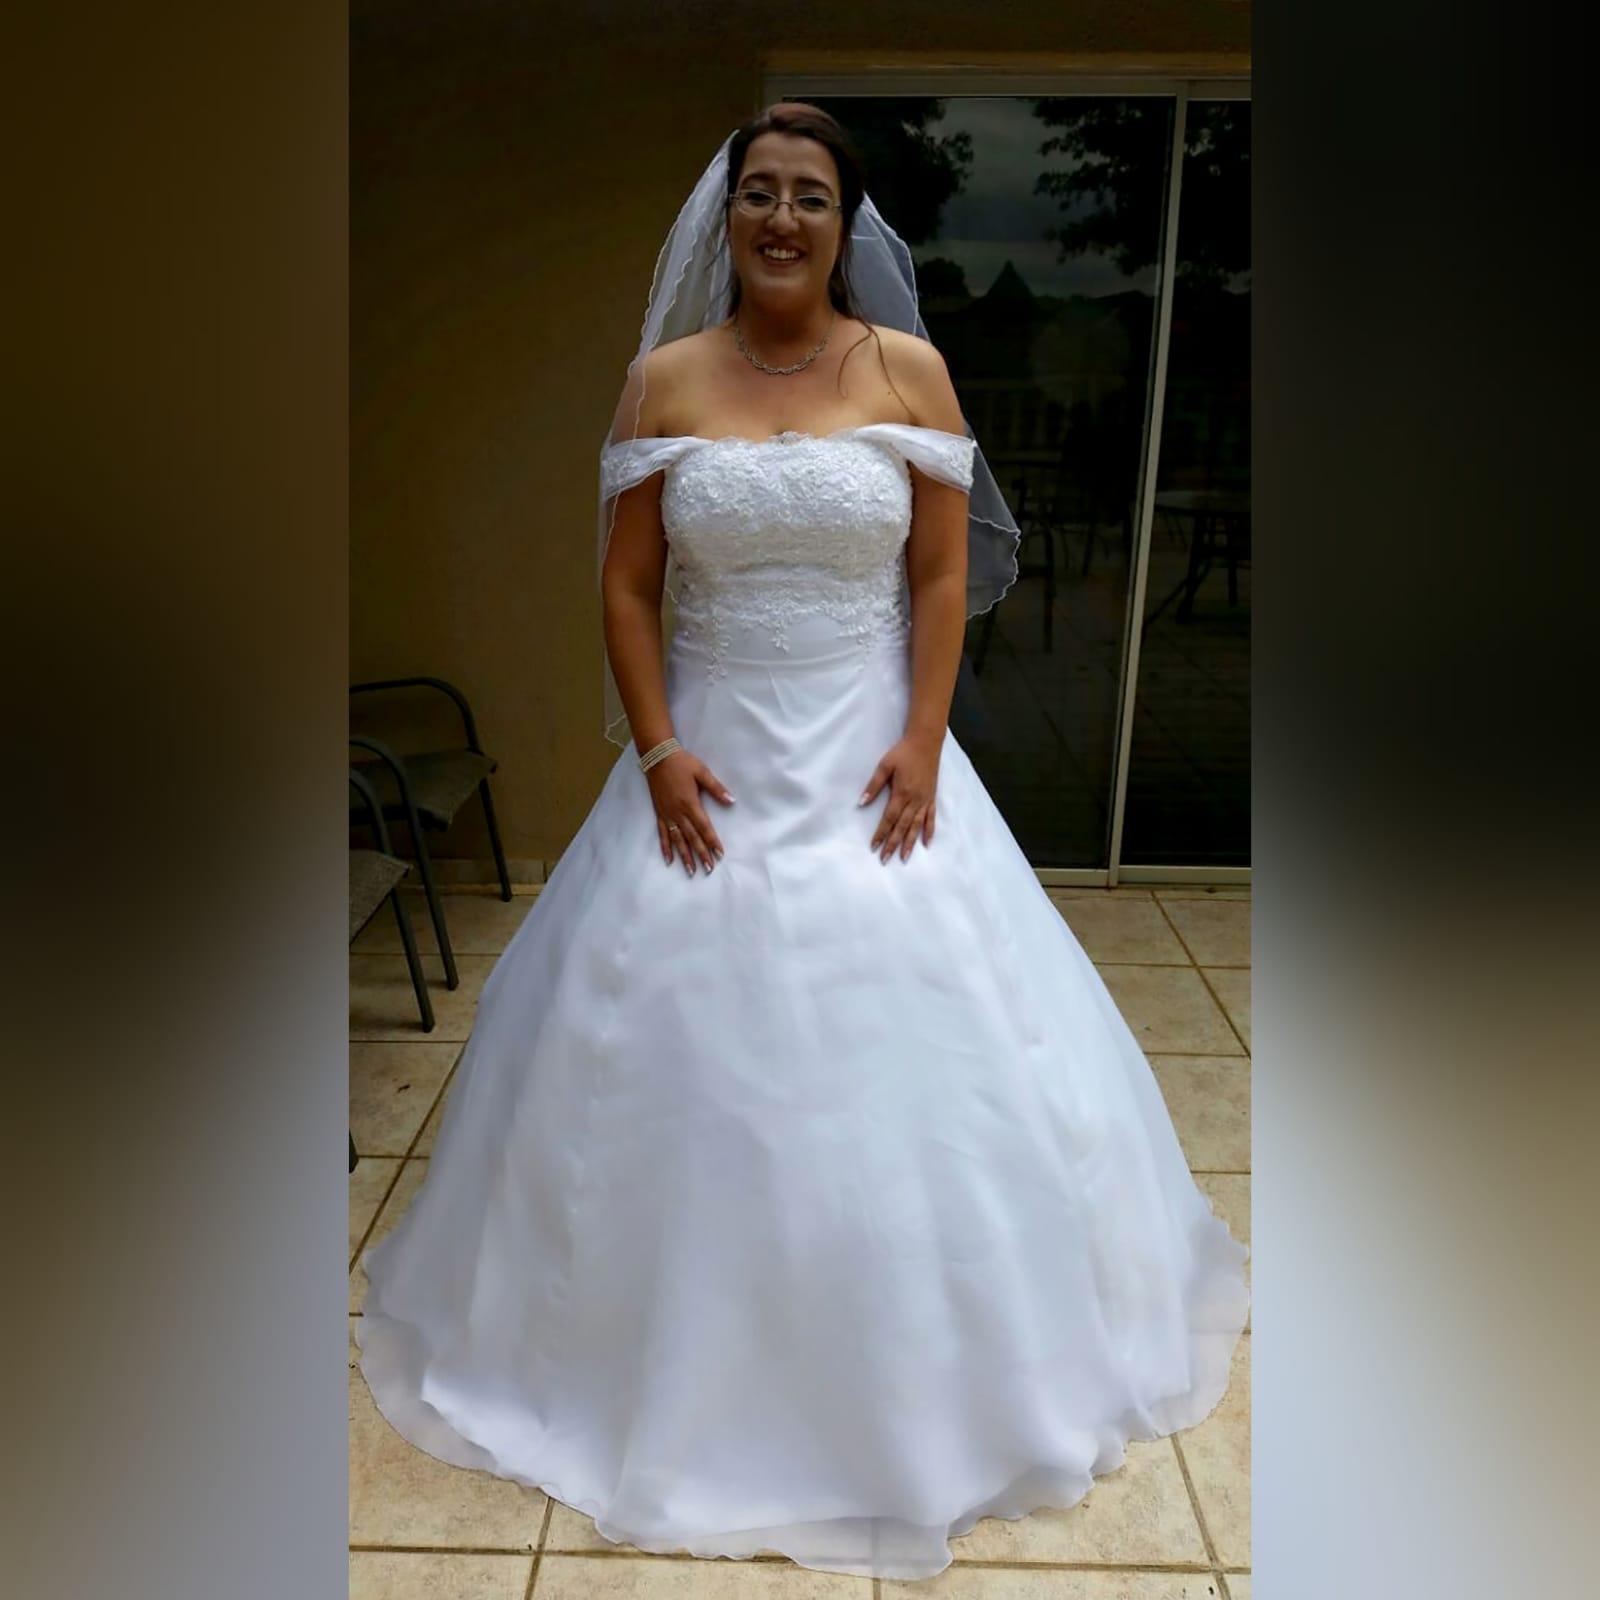 Organza vestido de noiva branco 4 vestido de baile de casamento branco de organza, sem ombros. Corpete detalhado com renda. De costas com cordões. Com um cauda e ombro organza plissada detalhadas com rendas. Com véu.